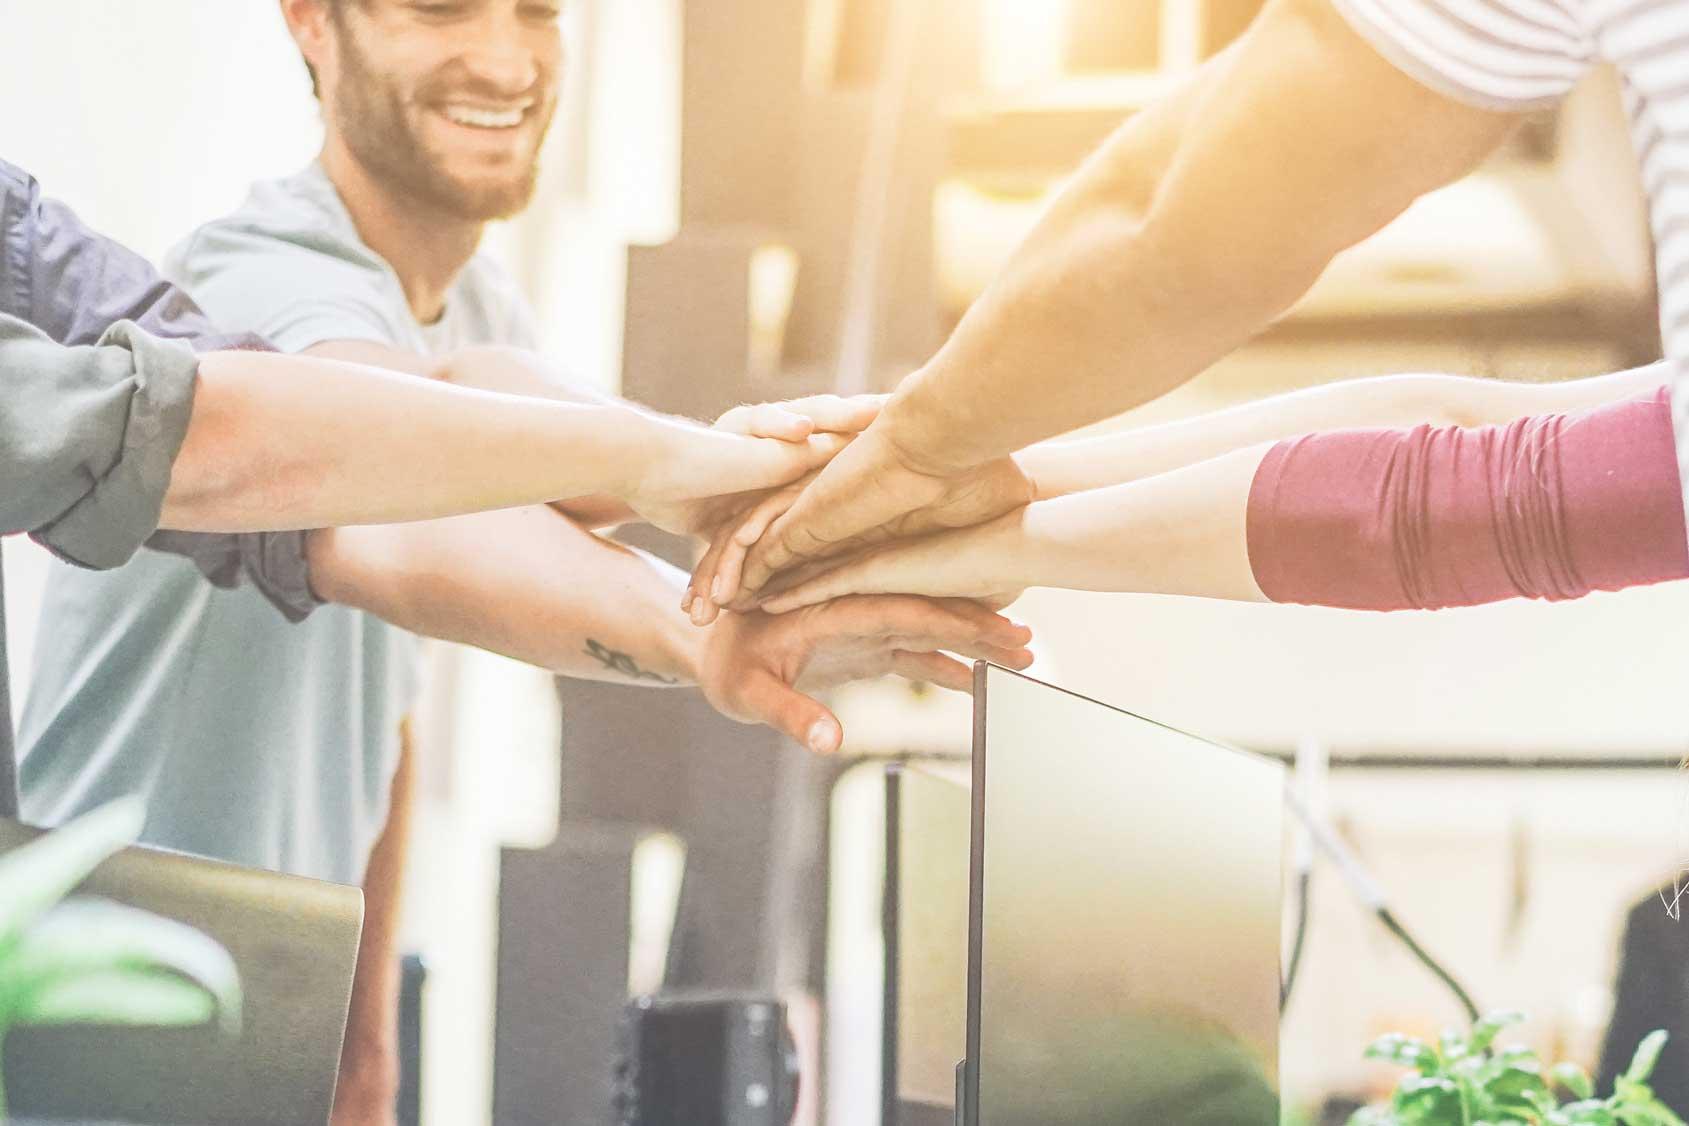 Zentraler Punkt des Bildes ist ein Stapel zusammengelegter Hände. Ritual zur Teammotivation.